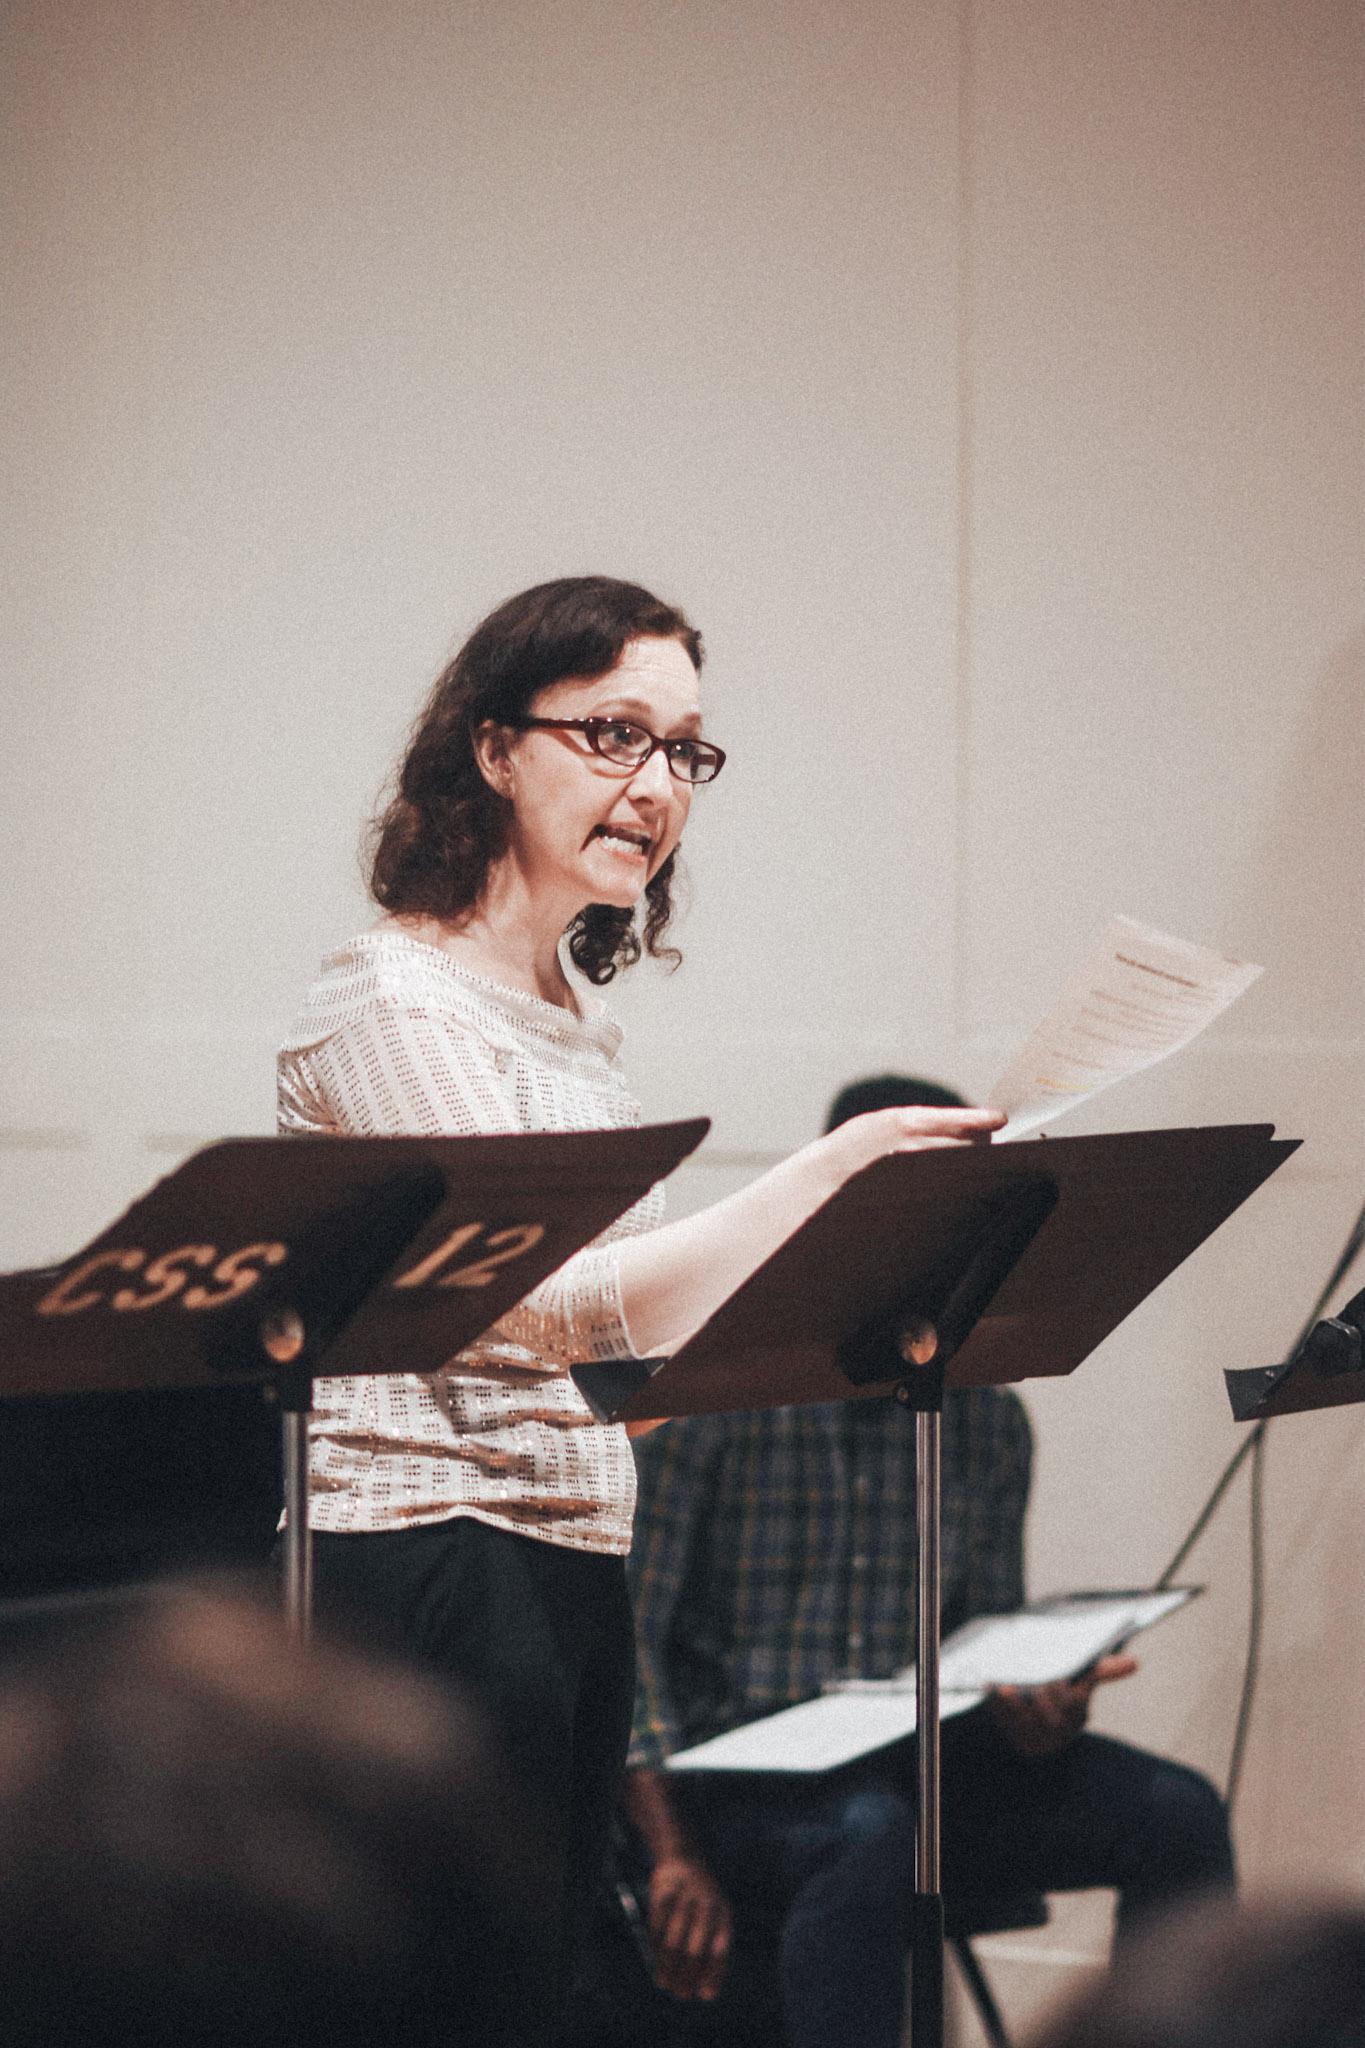 Melissa Van der Schyff // Photo by Kyle Studstill